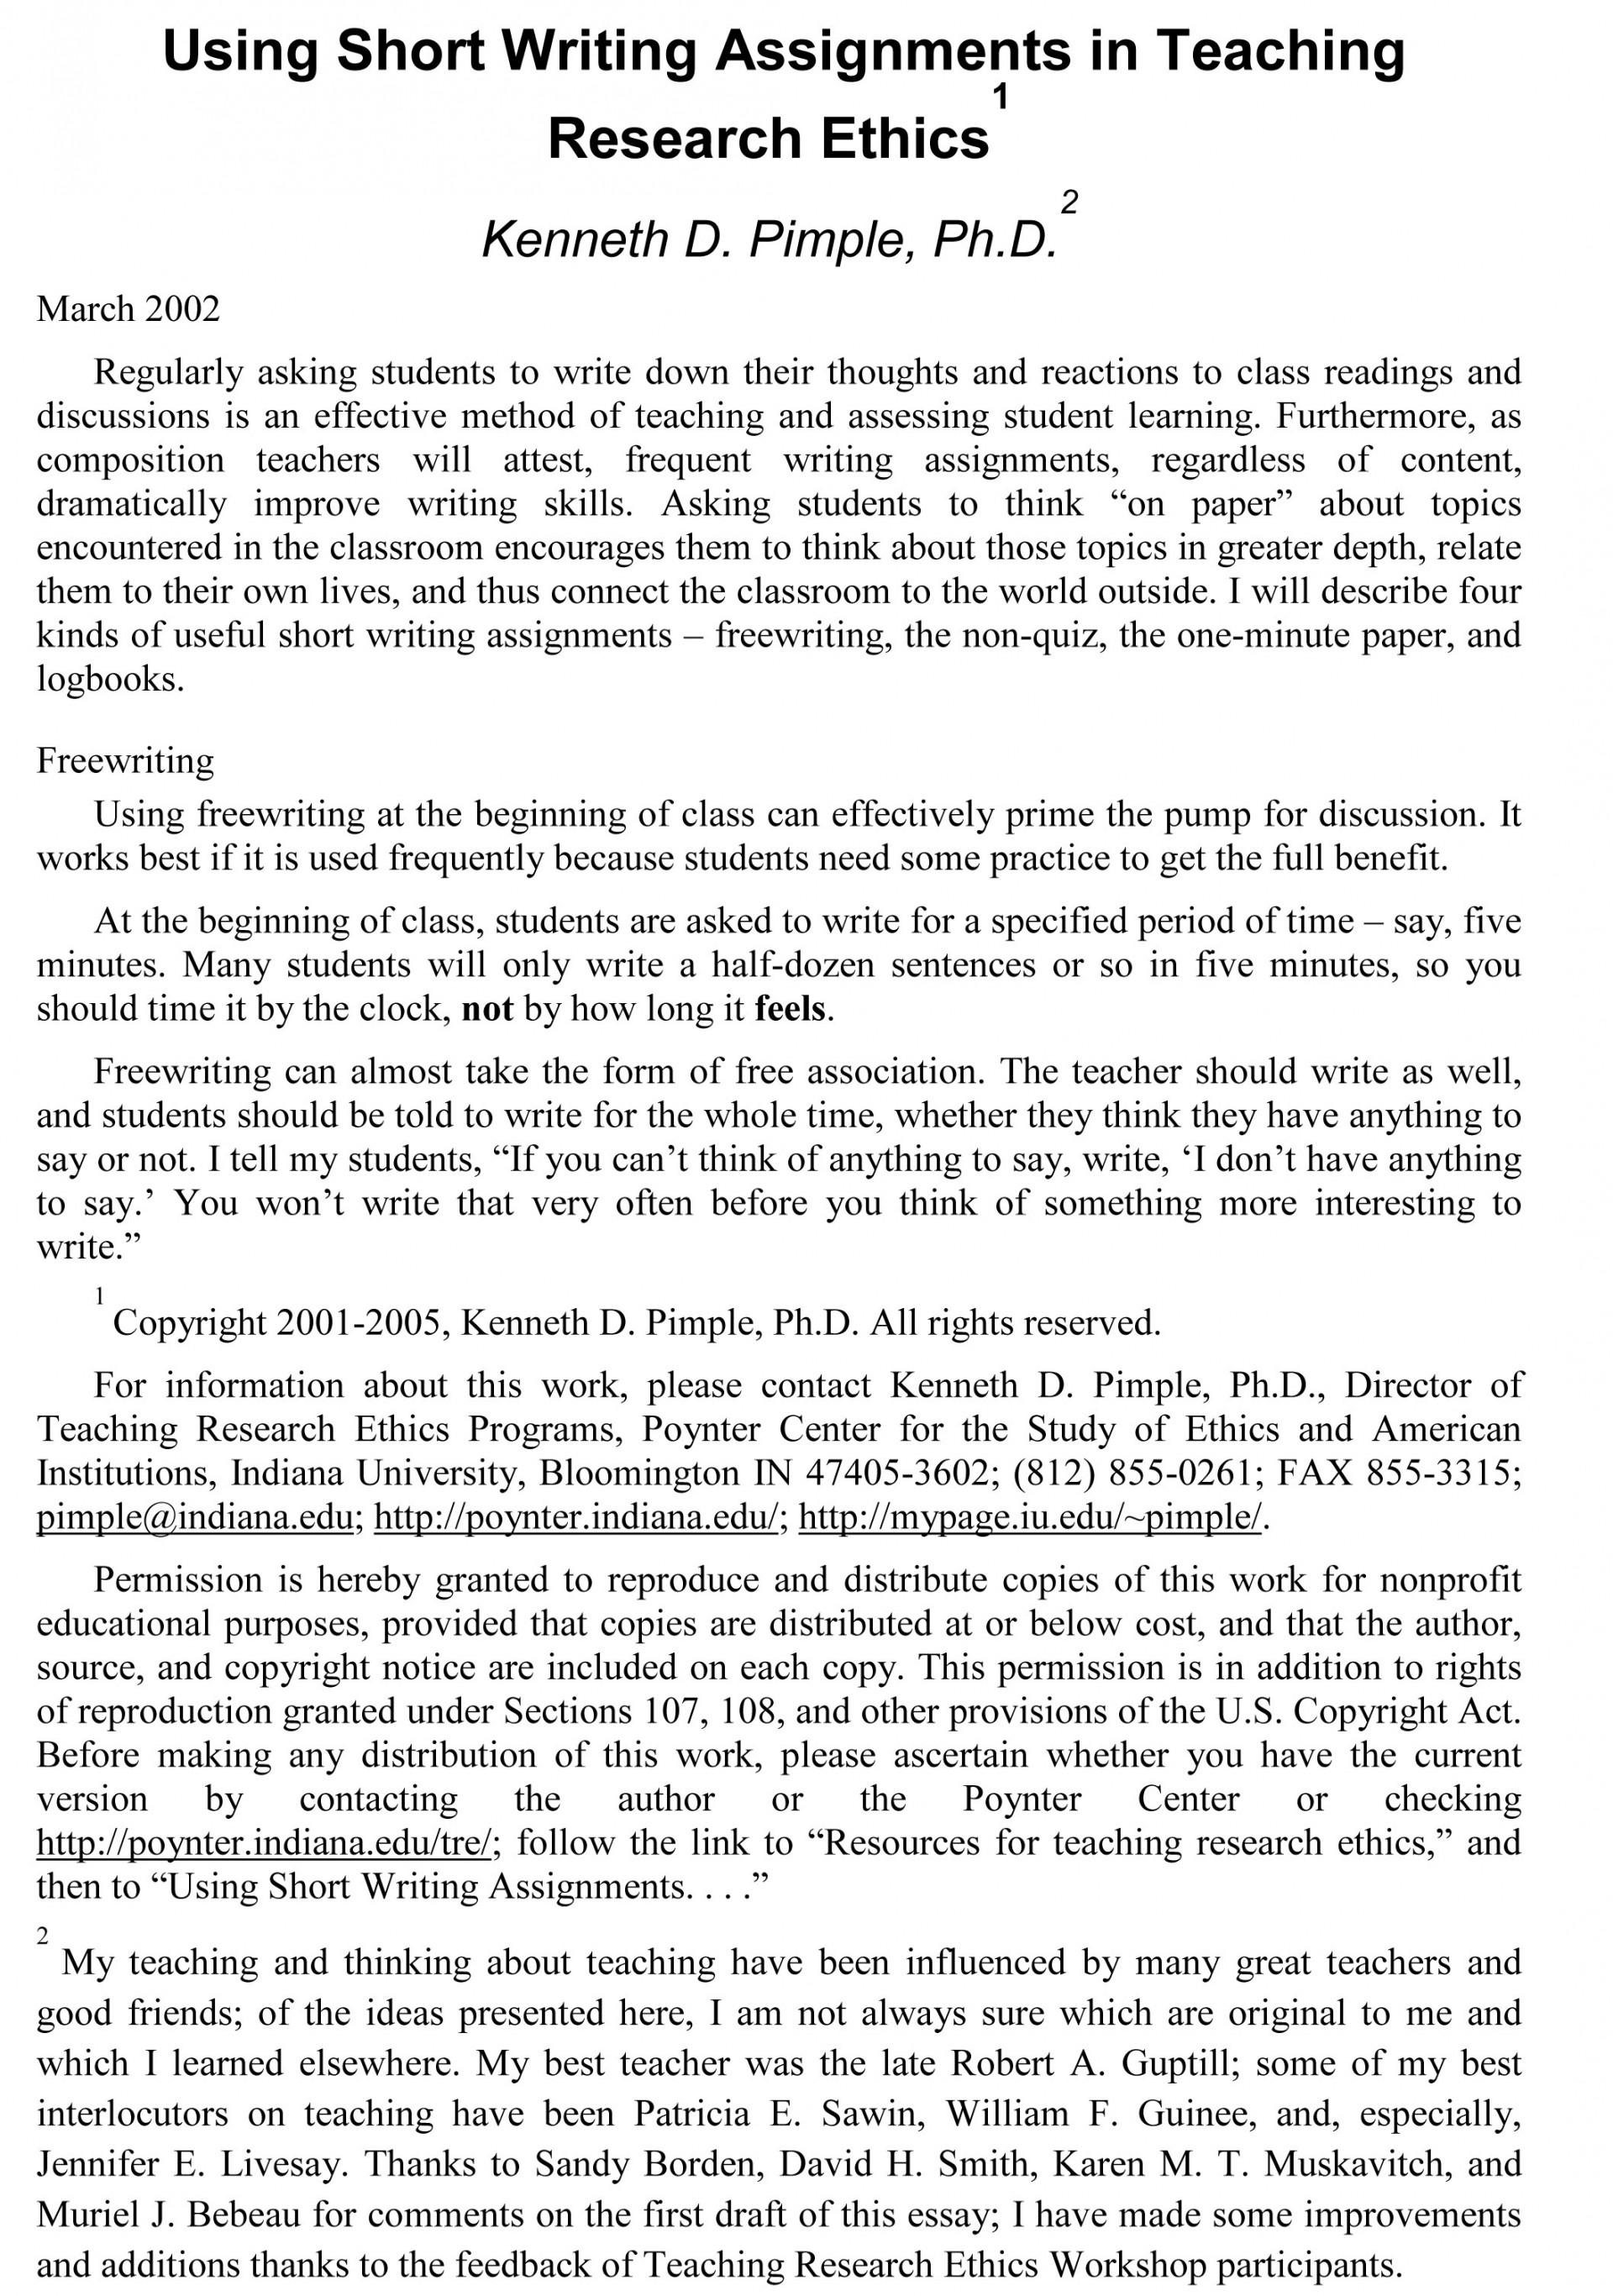 012 Essay Example Sample Teaching Remarkable Diversity Uw Law School 1920